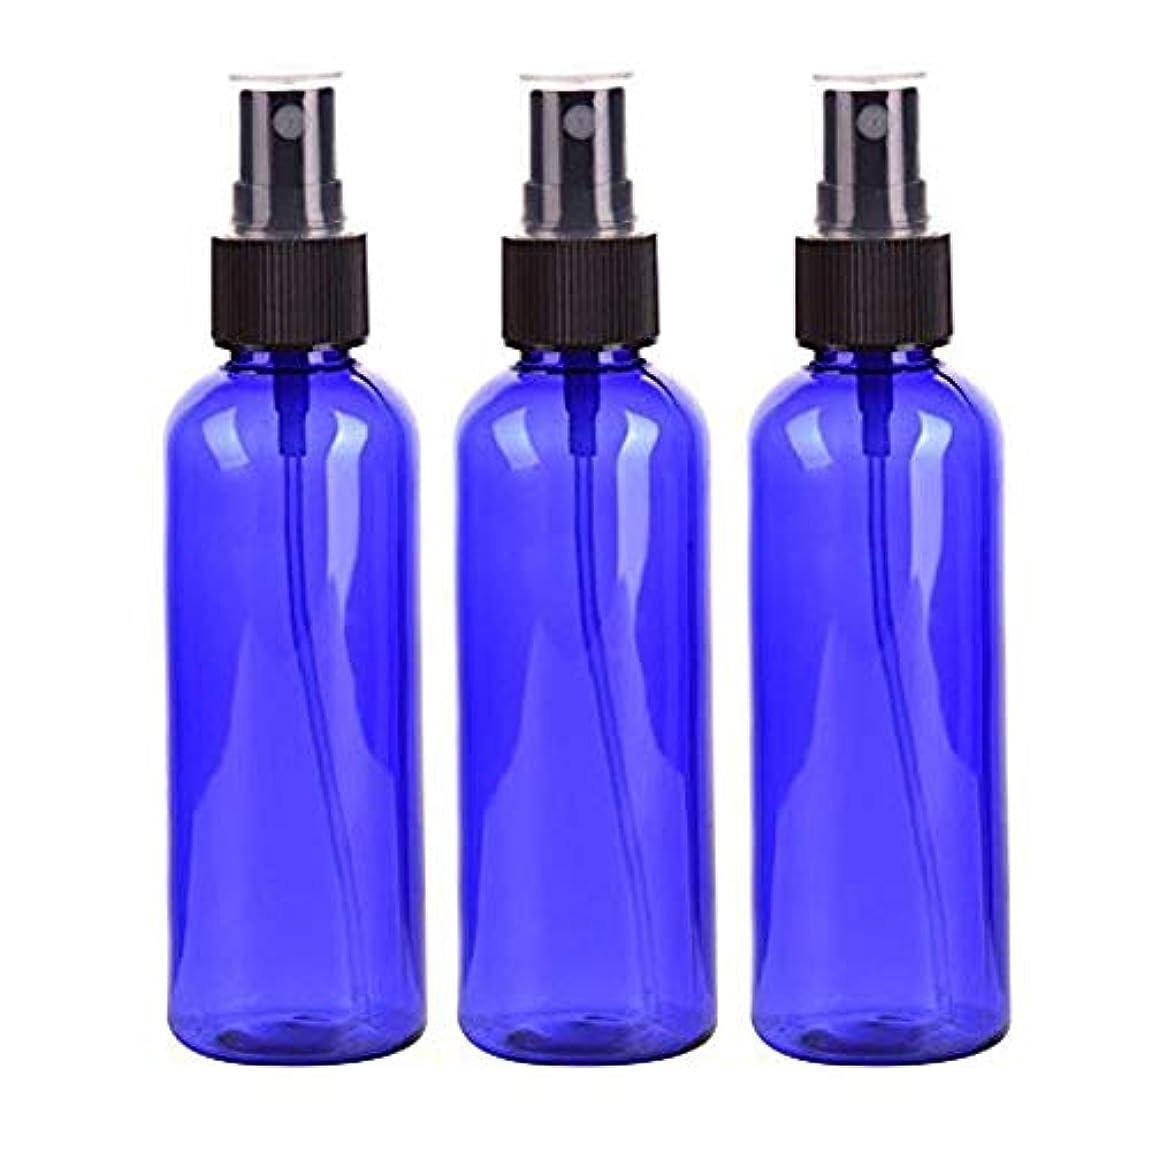 パドルカイウスクロールLindexs スプレーボトル 50mL プラスチック ブルー黒ヘッド空容器 3本セット (青)